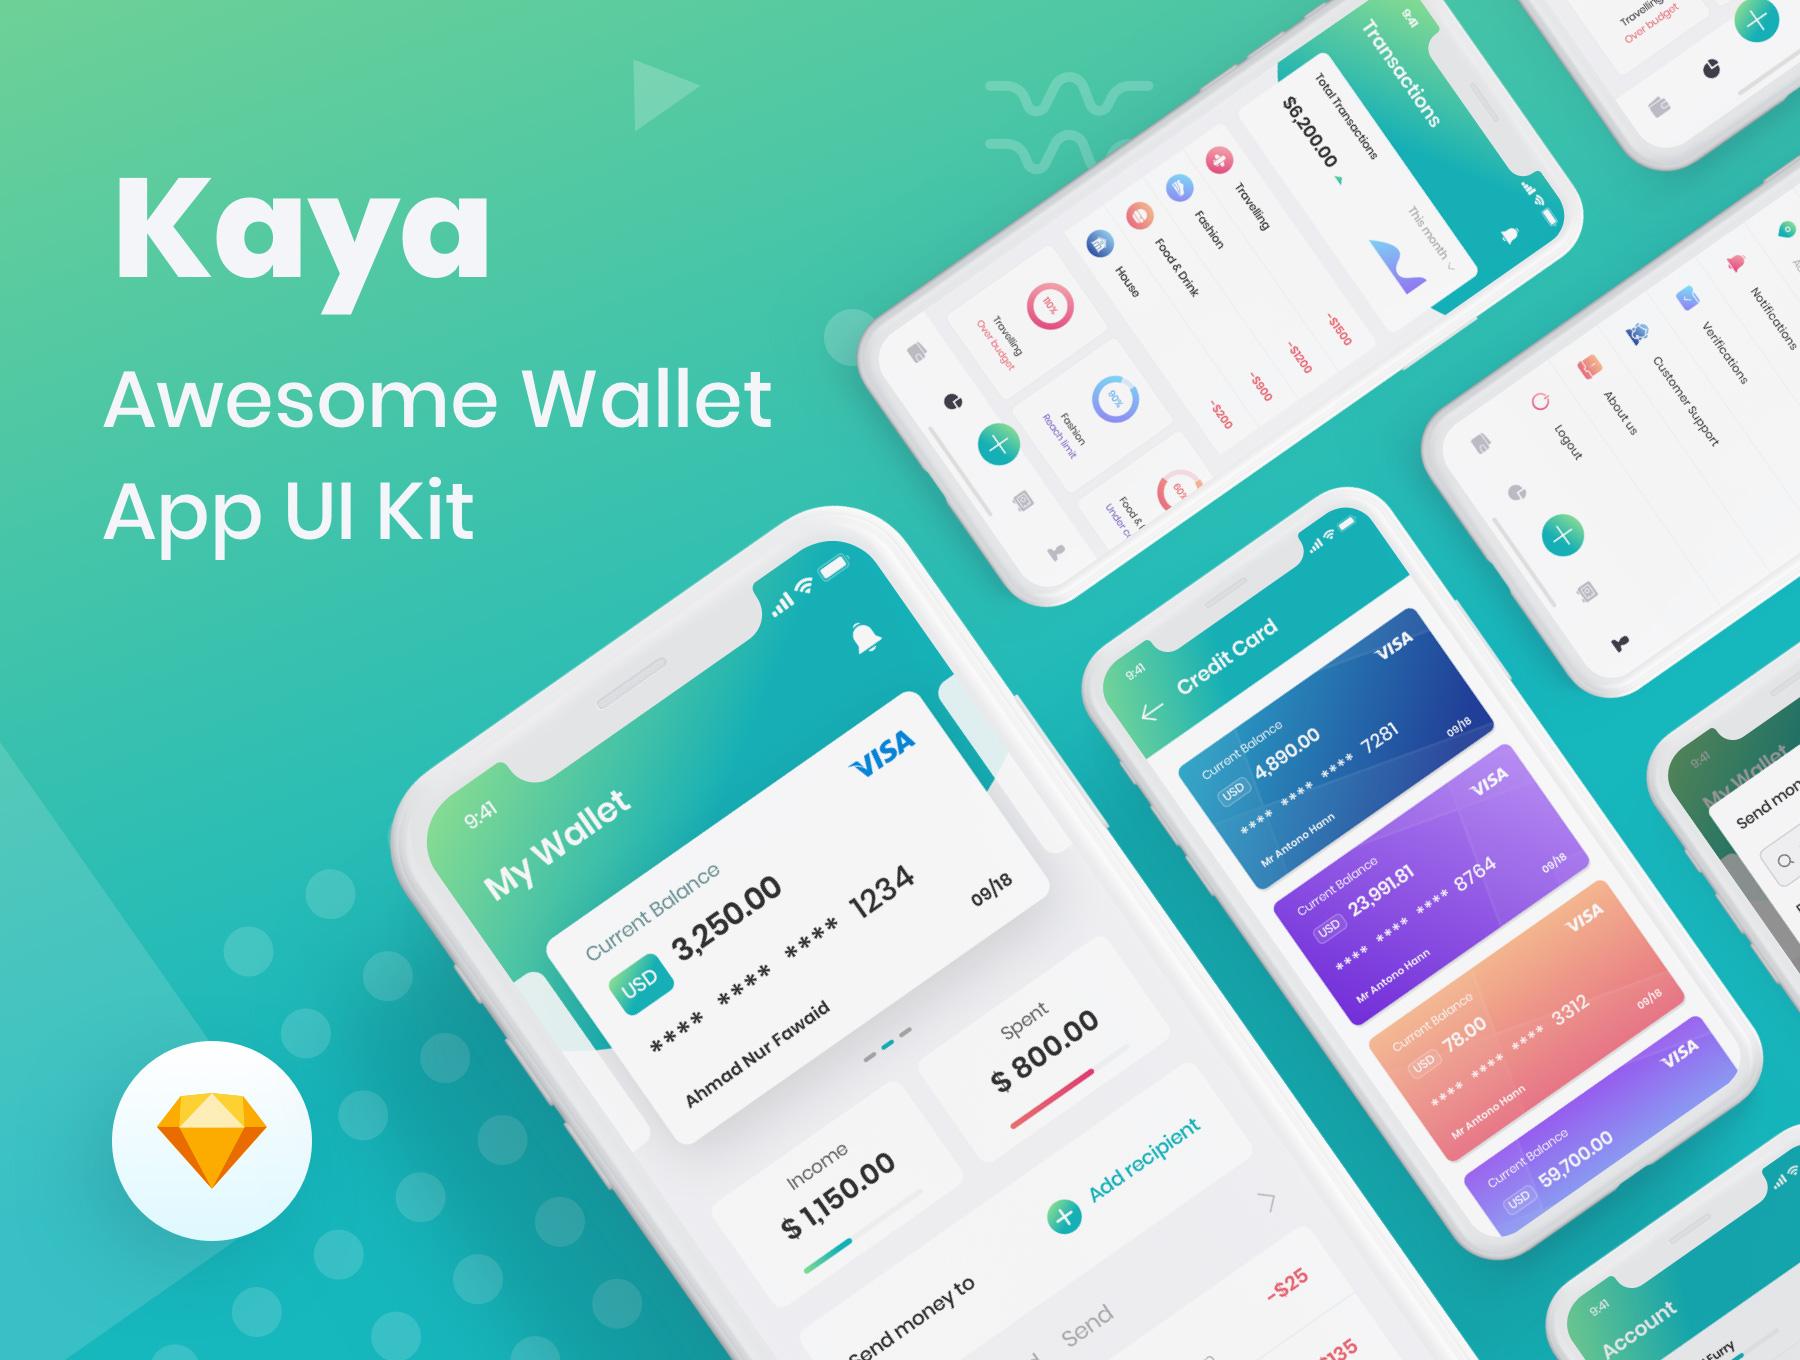 个人财务管理钱包工具APP UI 套装 iOS Ui app界面设计[Sketch] Kaya Wallet App